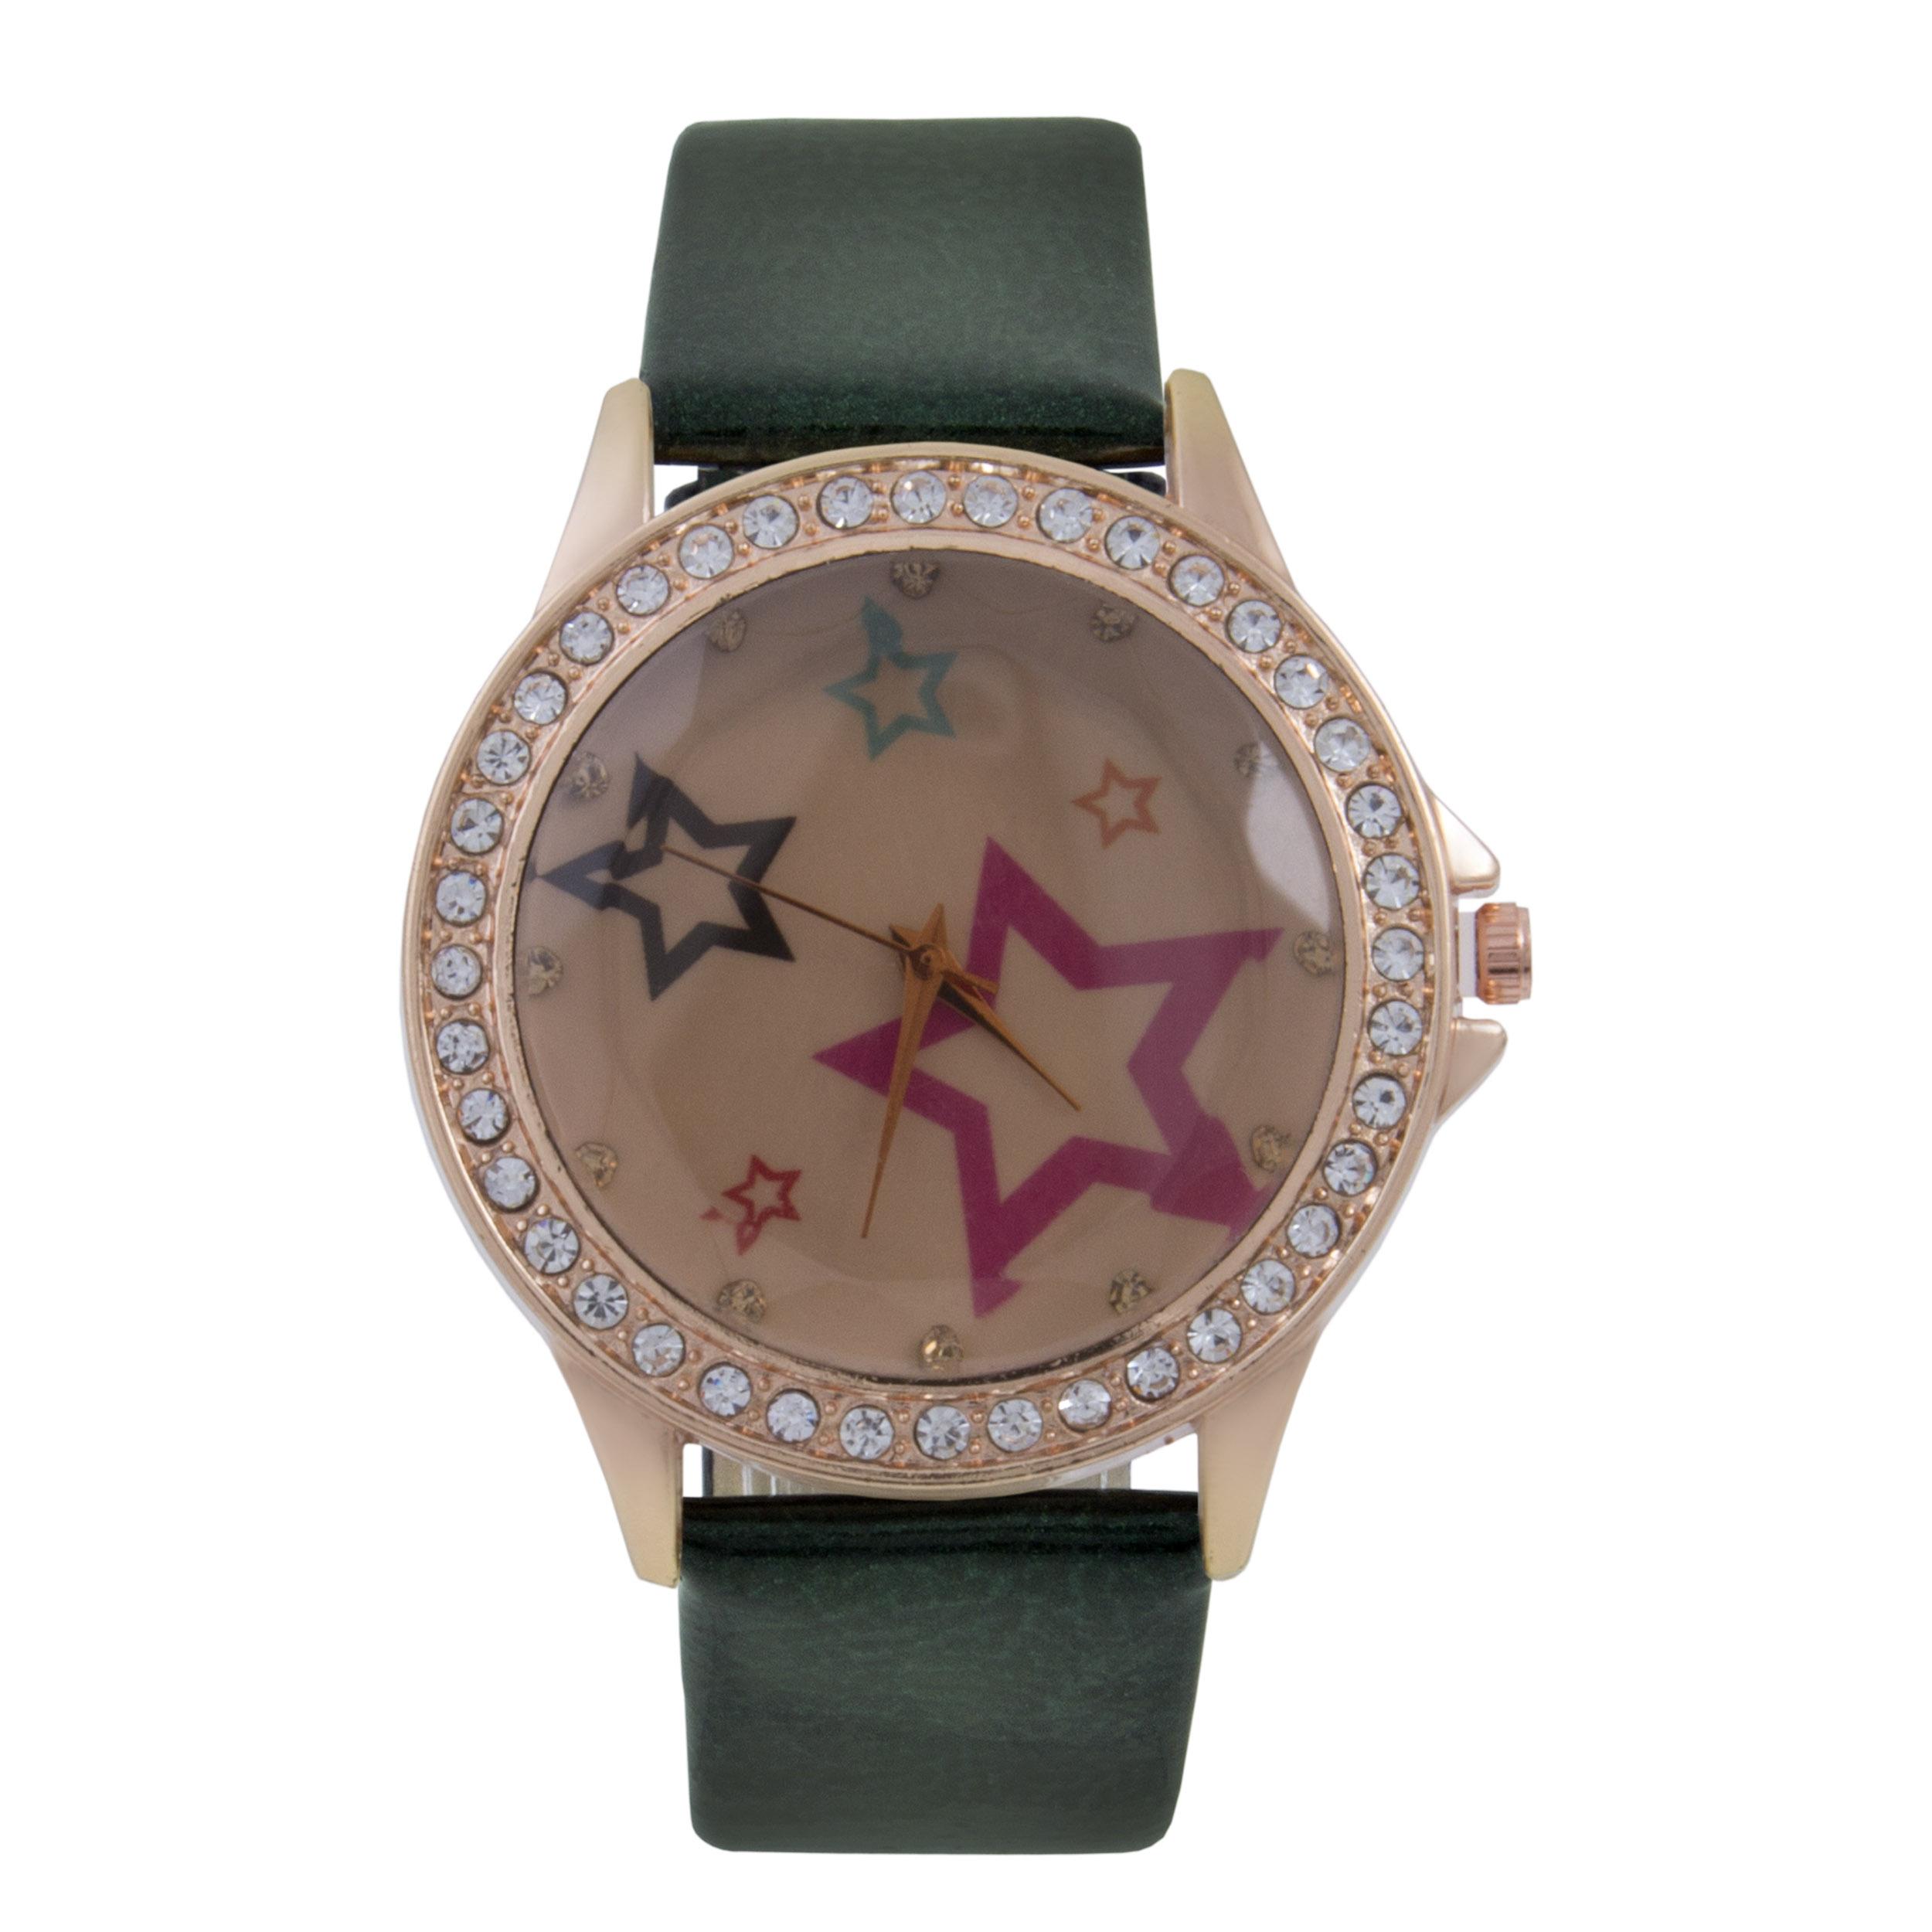 ساعت مچی عقربه ای زنانه کد WHW-154              خرید (⭐️⭐️⭐️)